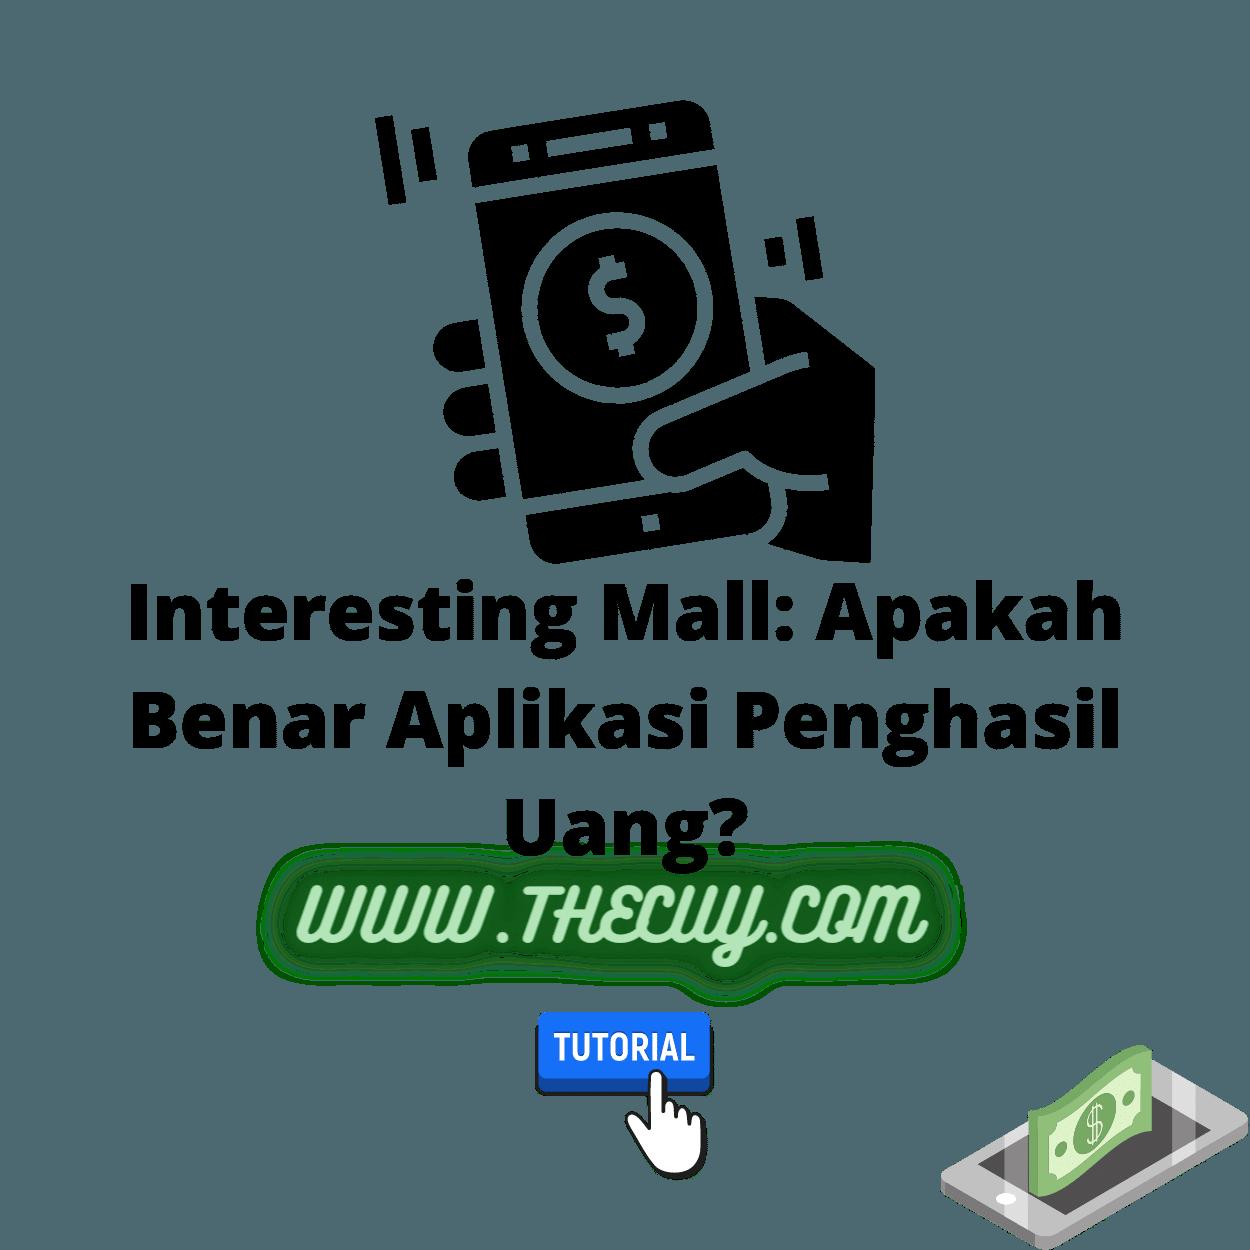 Interesting Mall: Apakah Benar Aplikasi Penghasil Uang?